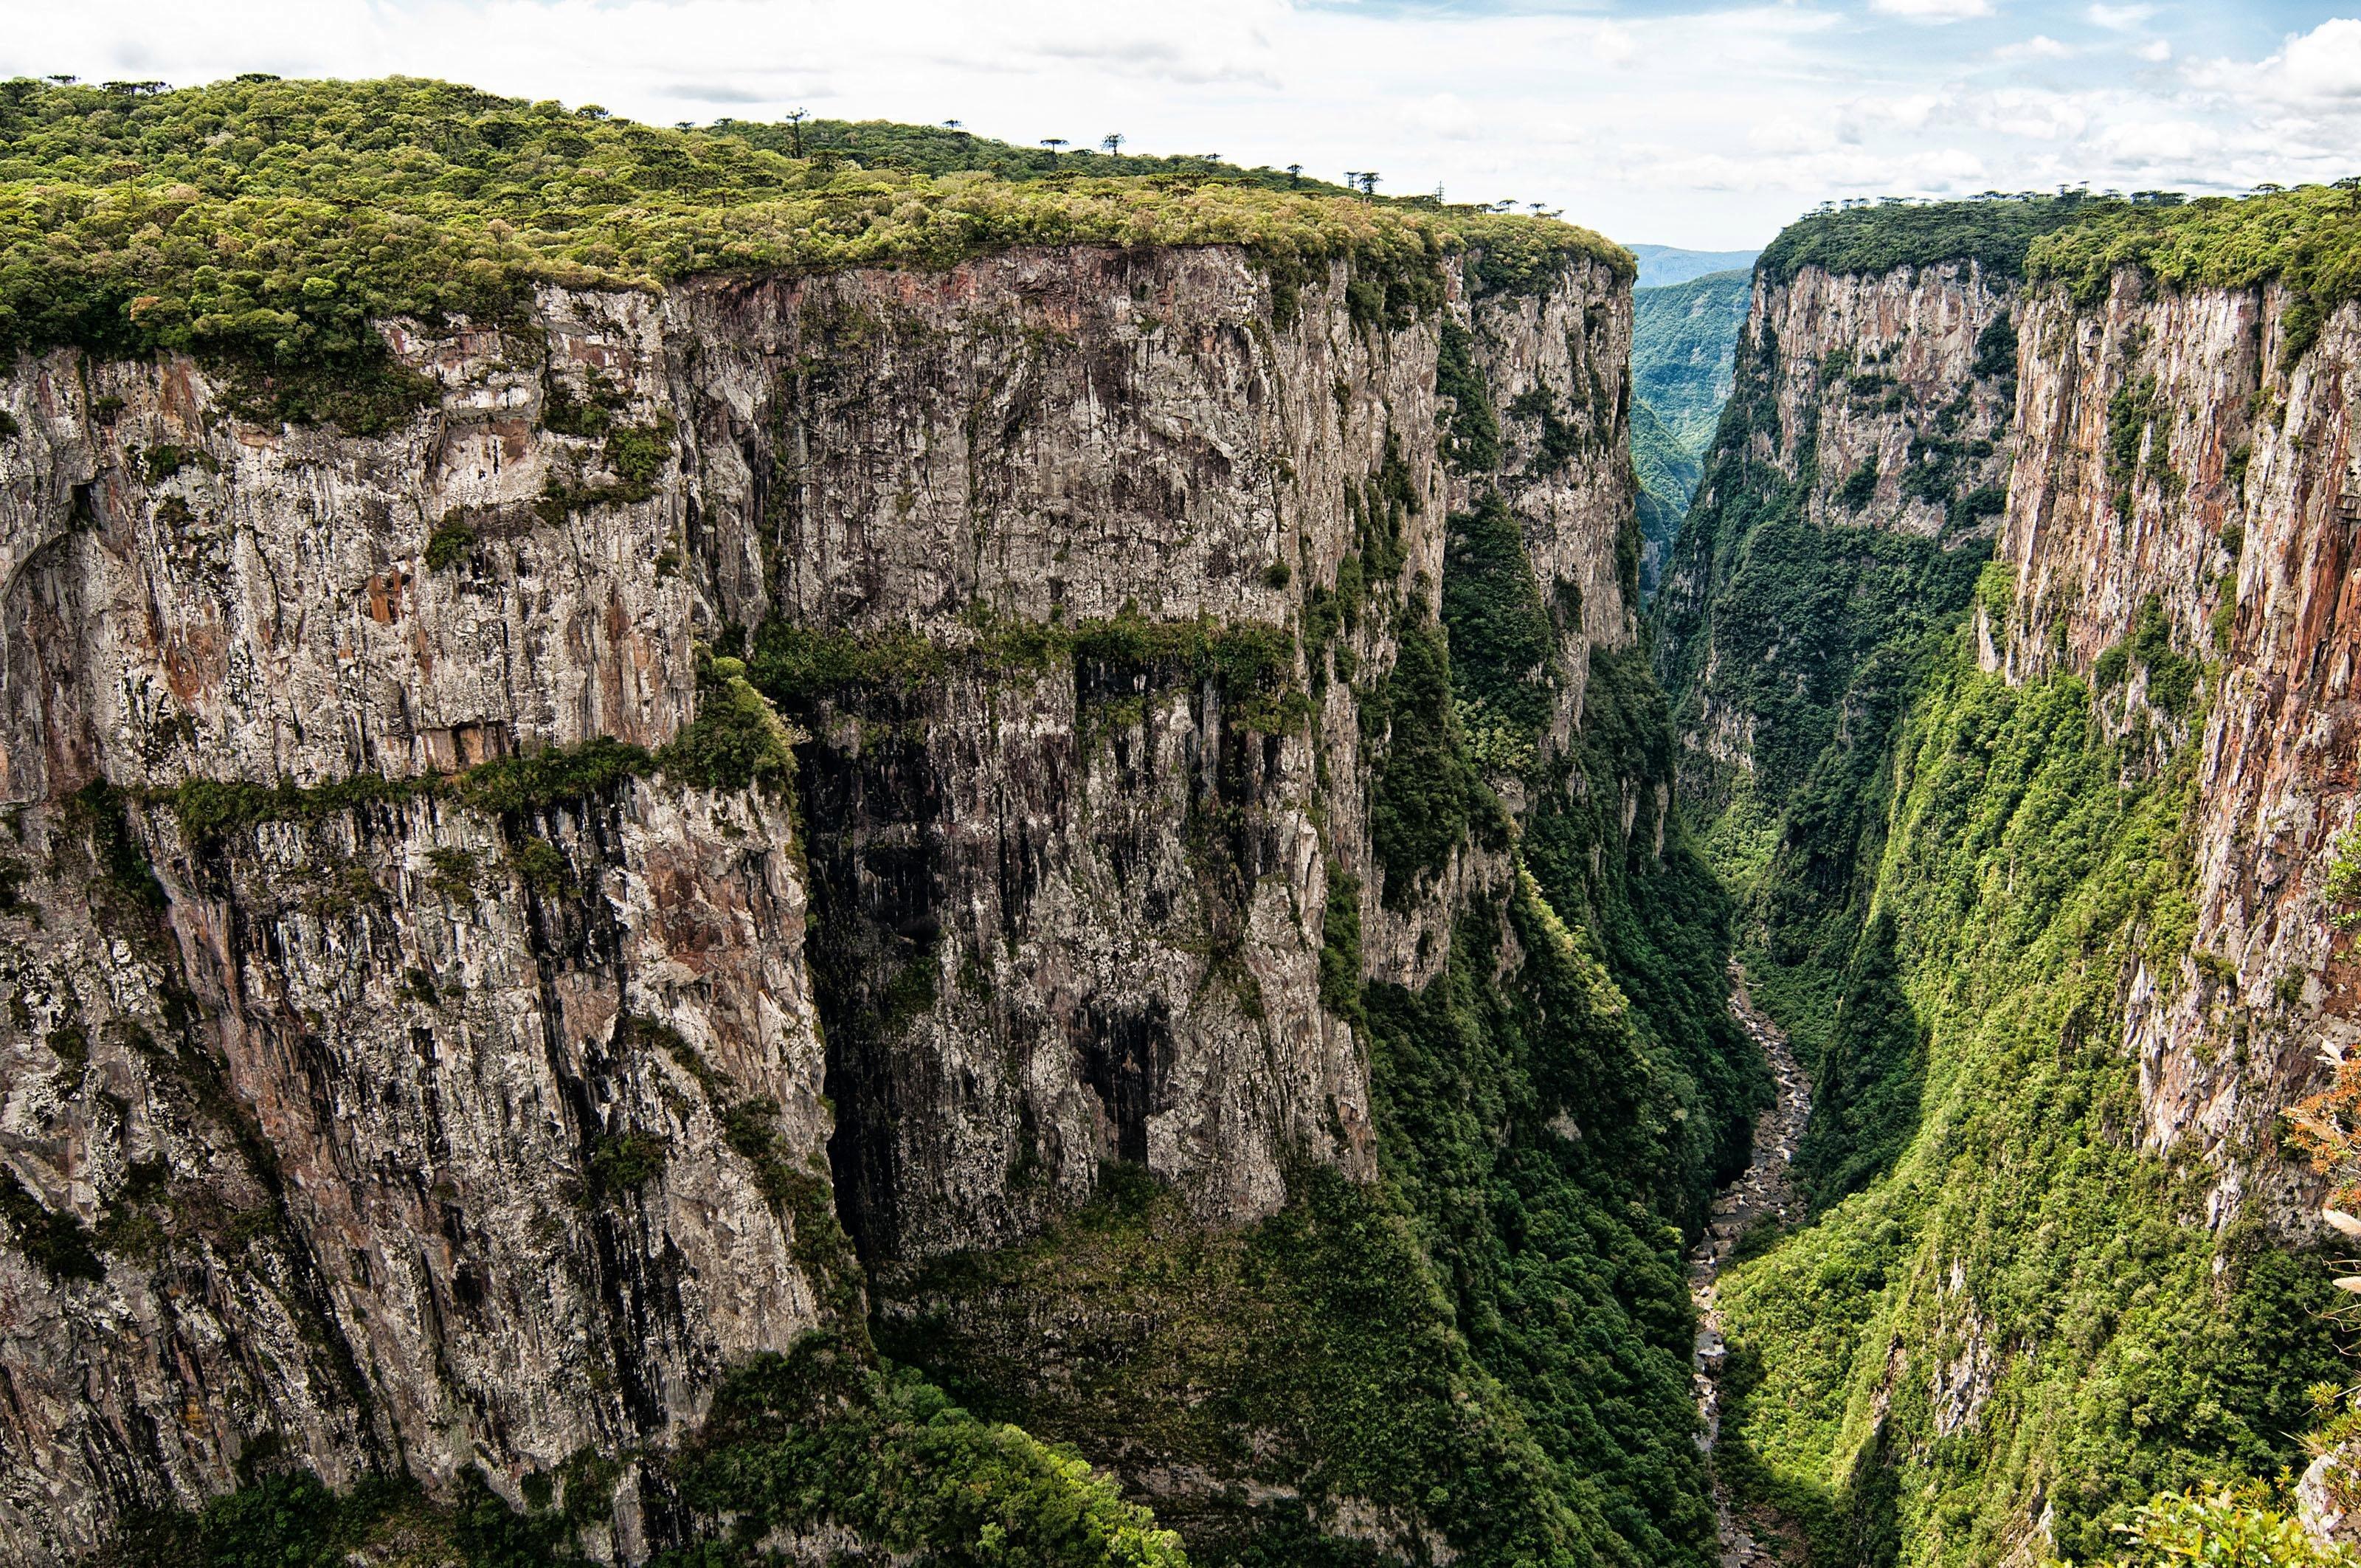 Brazil, South, RS, Rio Grande do Sul, Cambara, Canyon Itaimbezinho, View of canyon